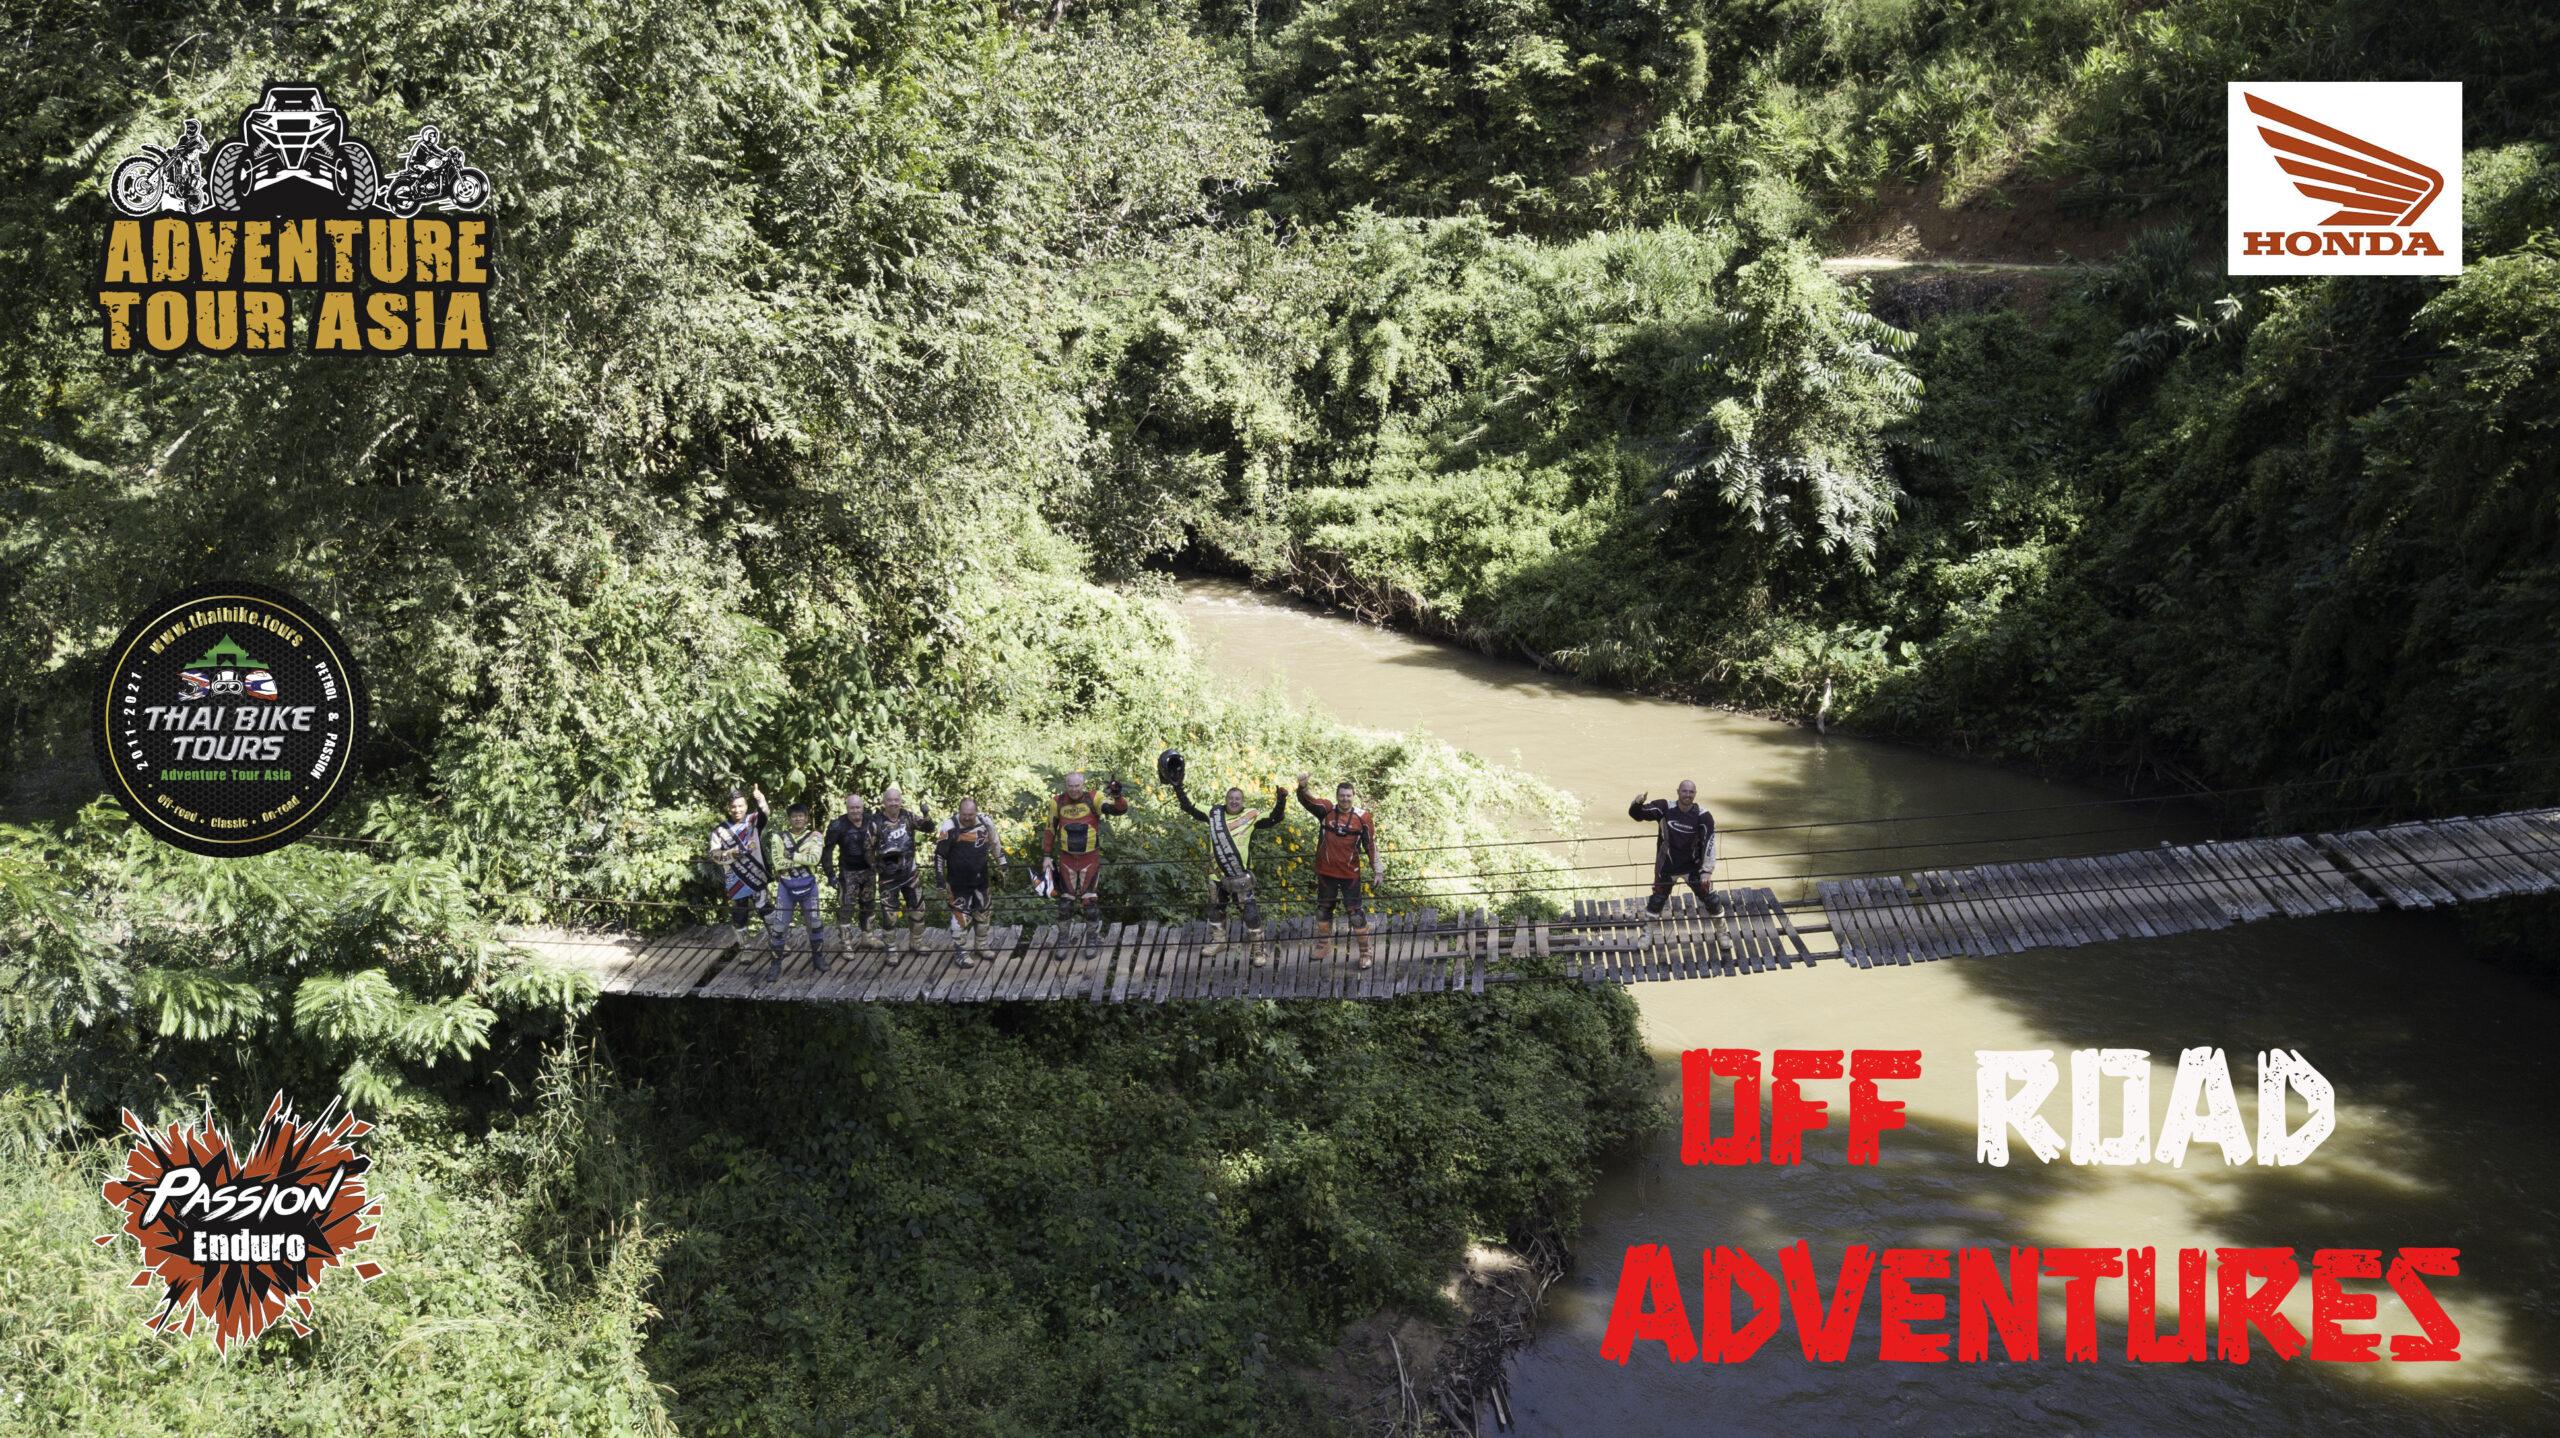 off road on tourthai bike tours 0313 1